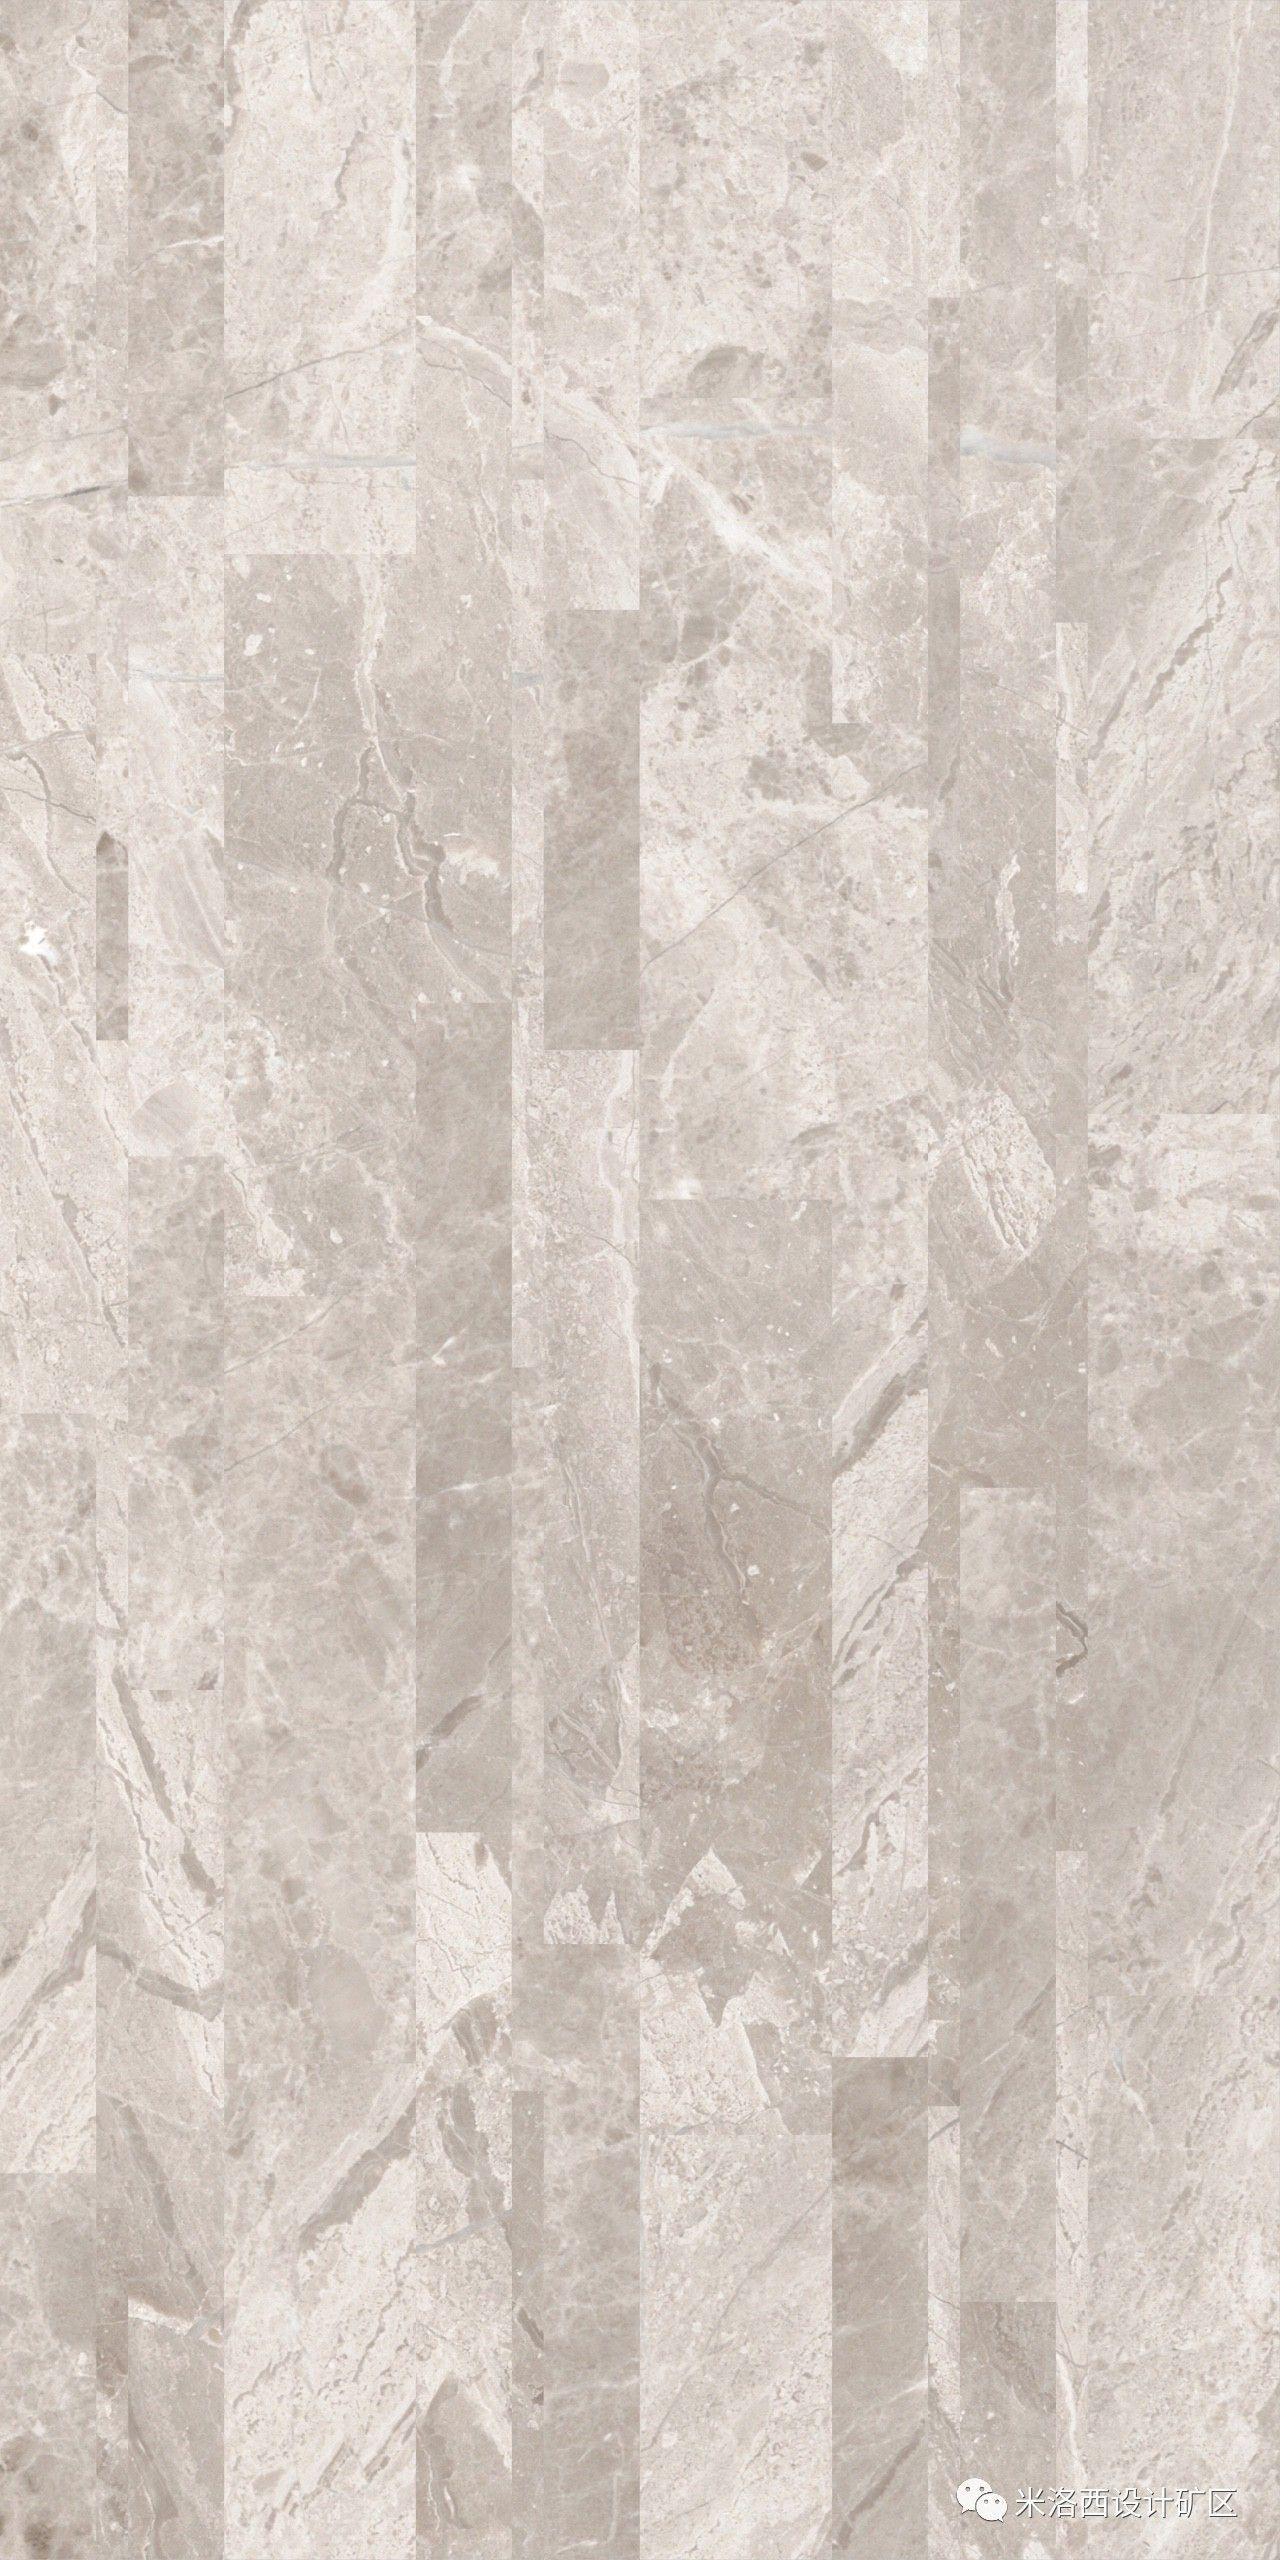 【爱石空间】经典条纹来袭!看精工大理石如何玩转跨界